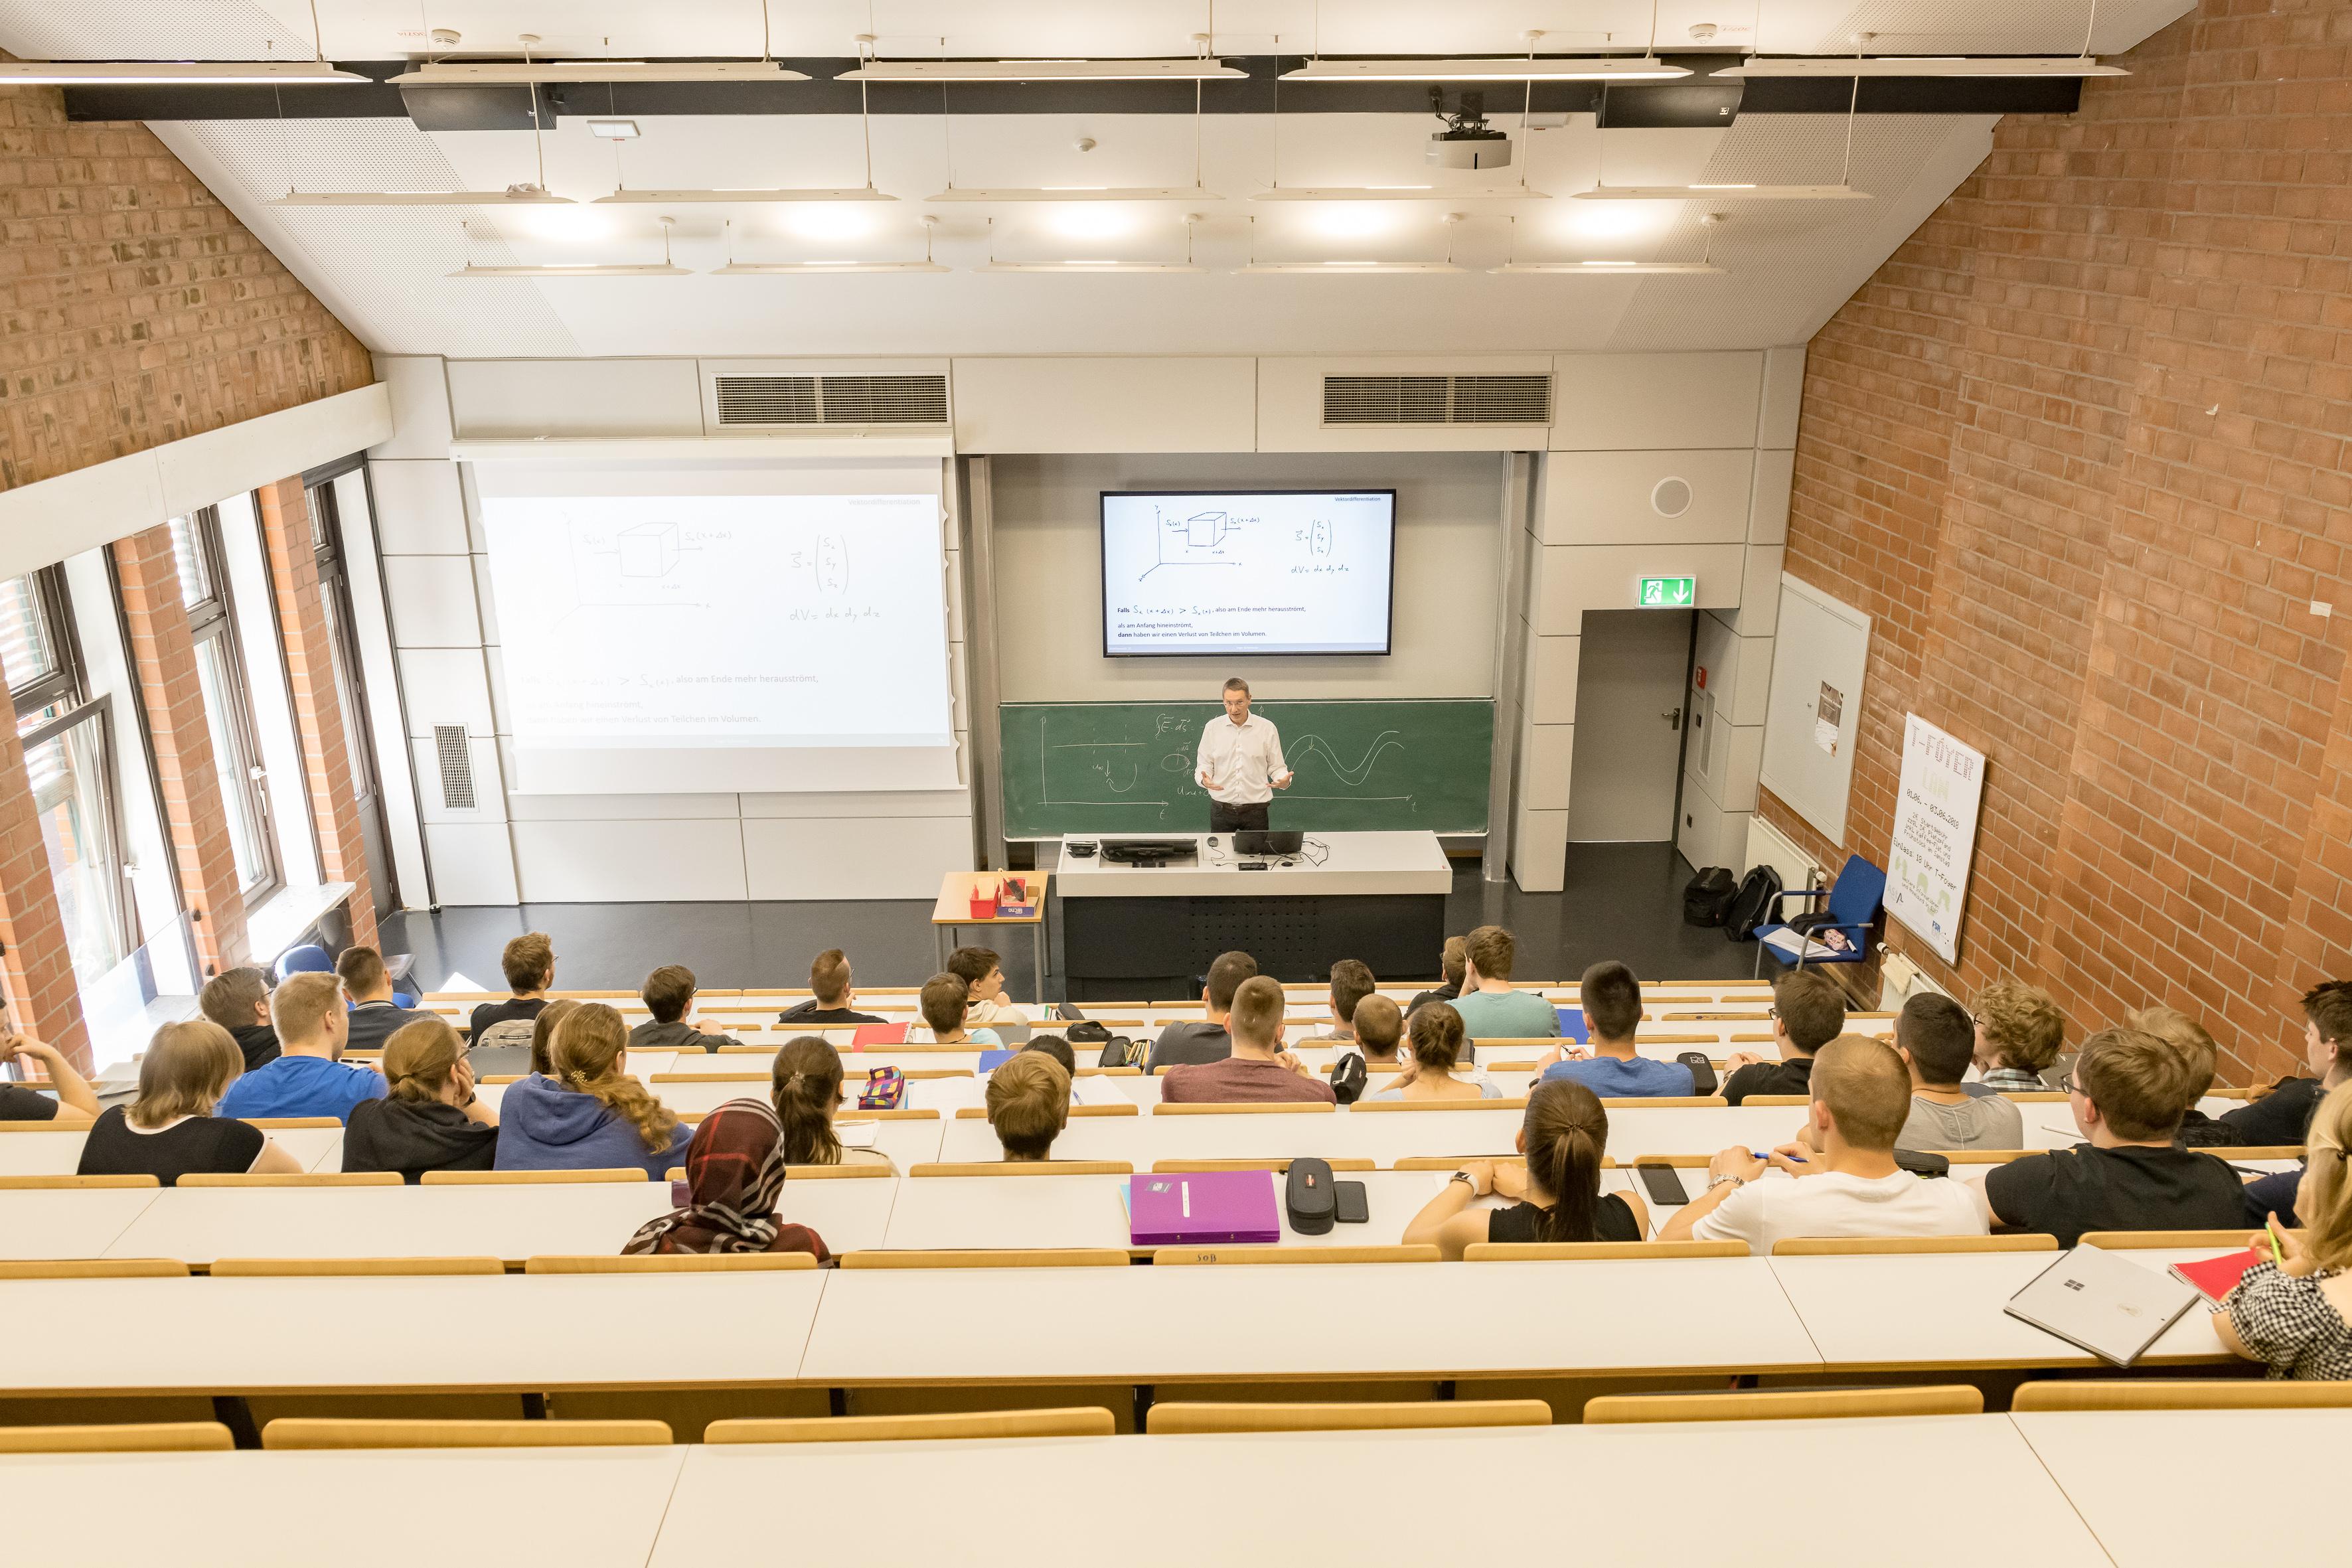 MRS_3892.jpg – Hochschule Emden/Leer